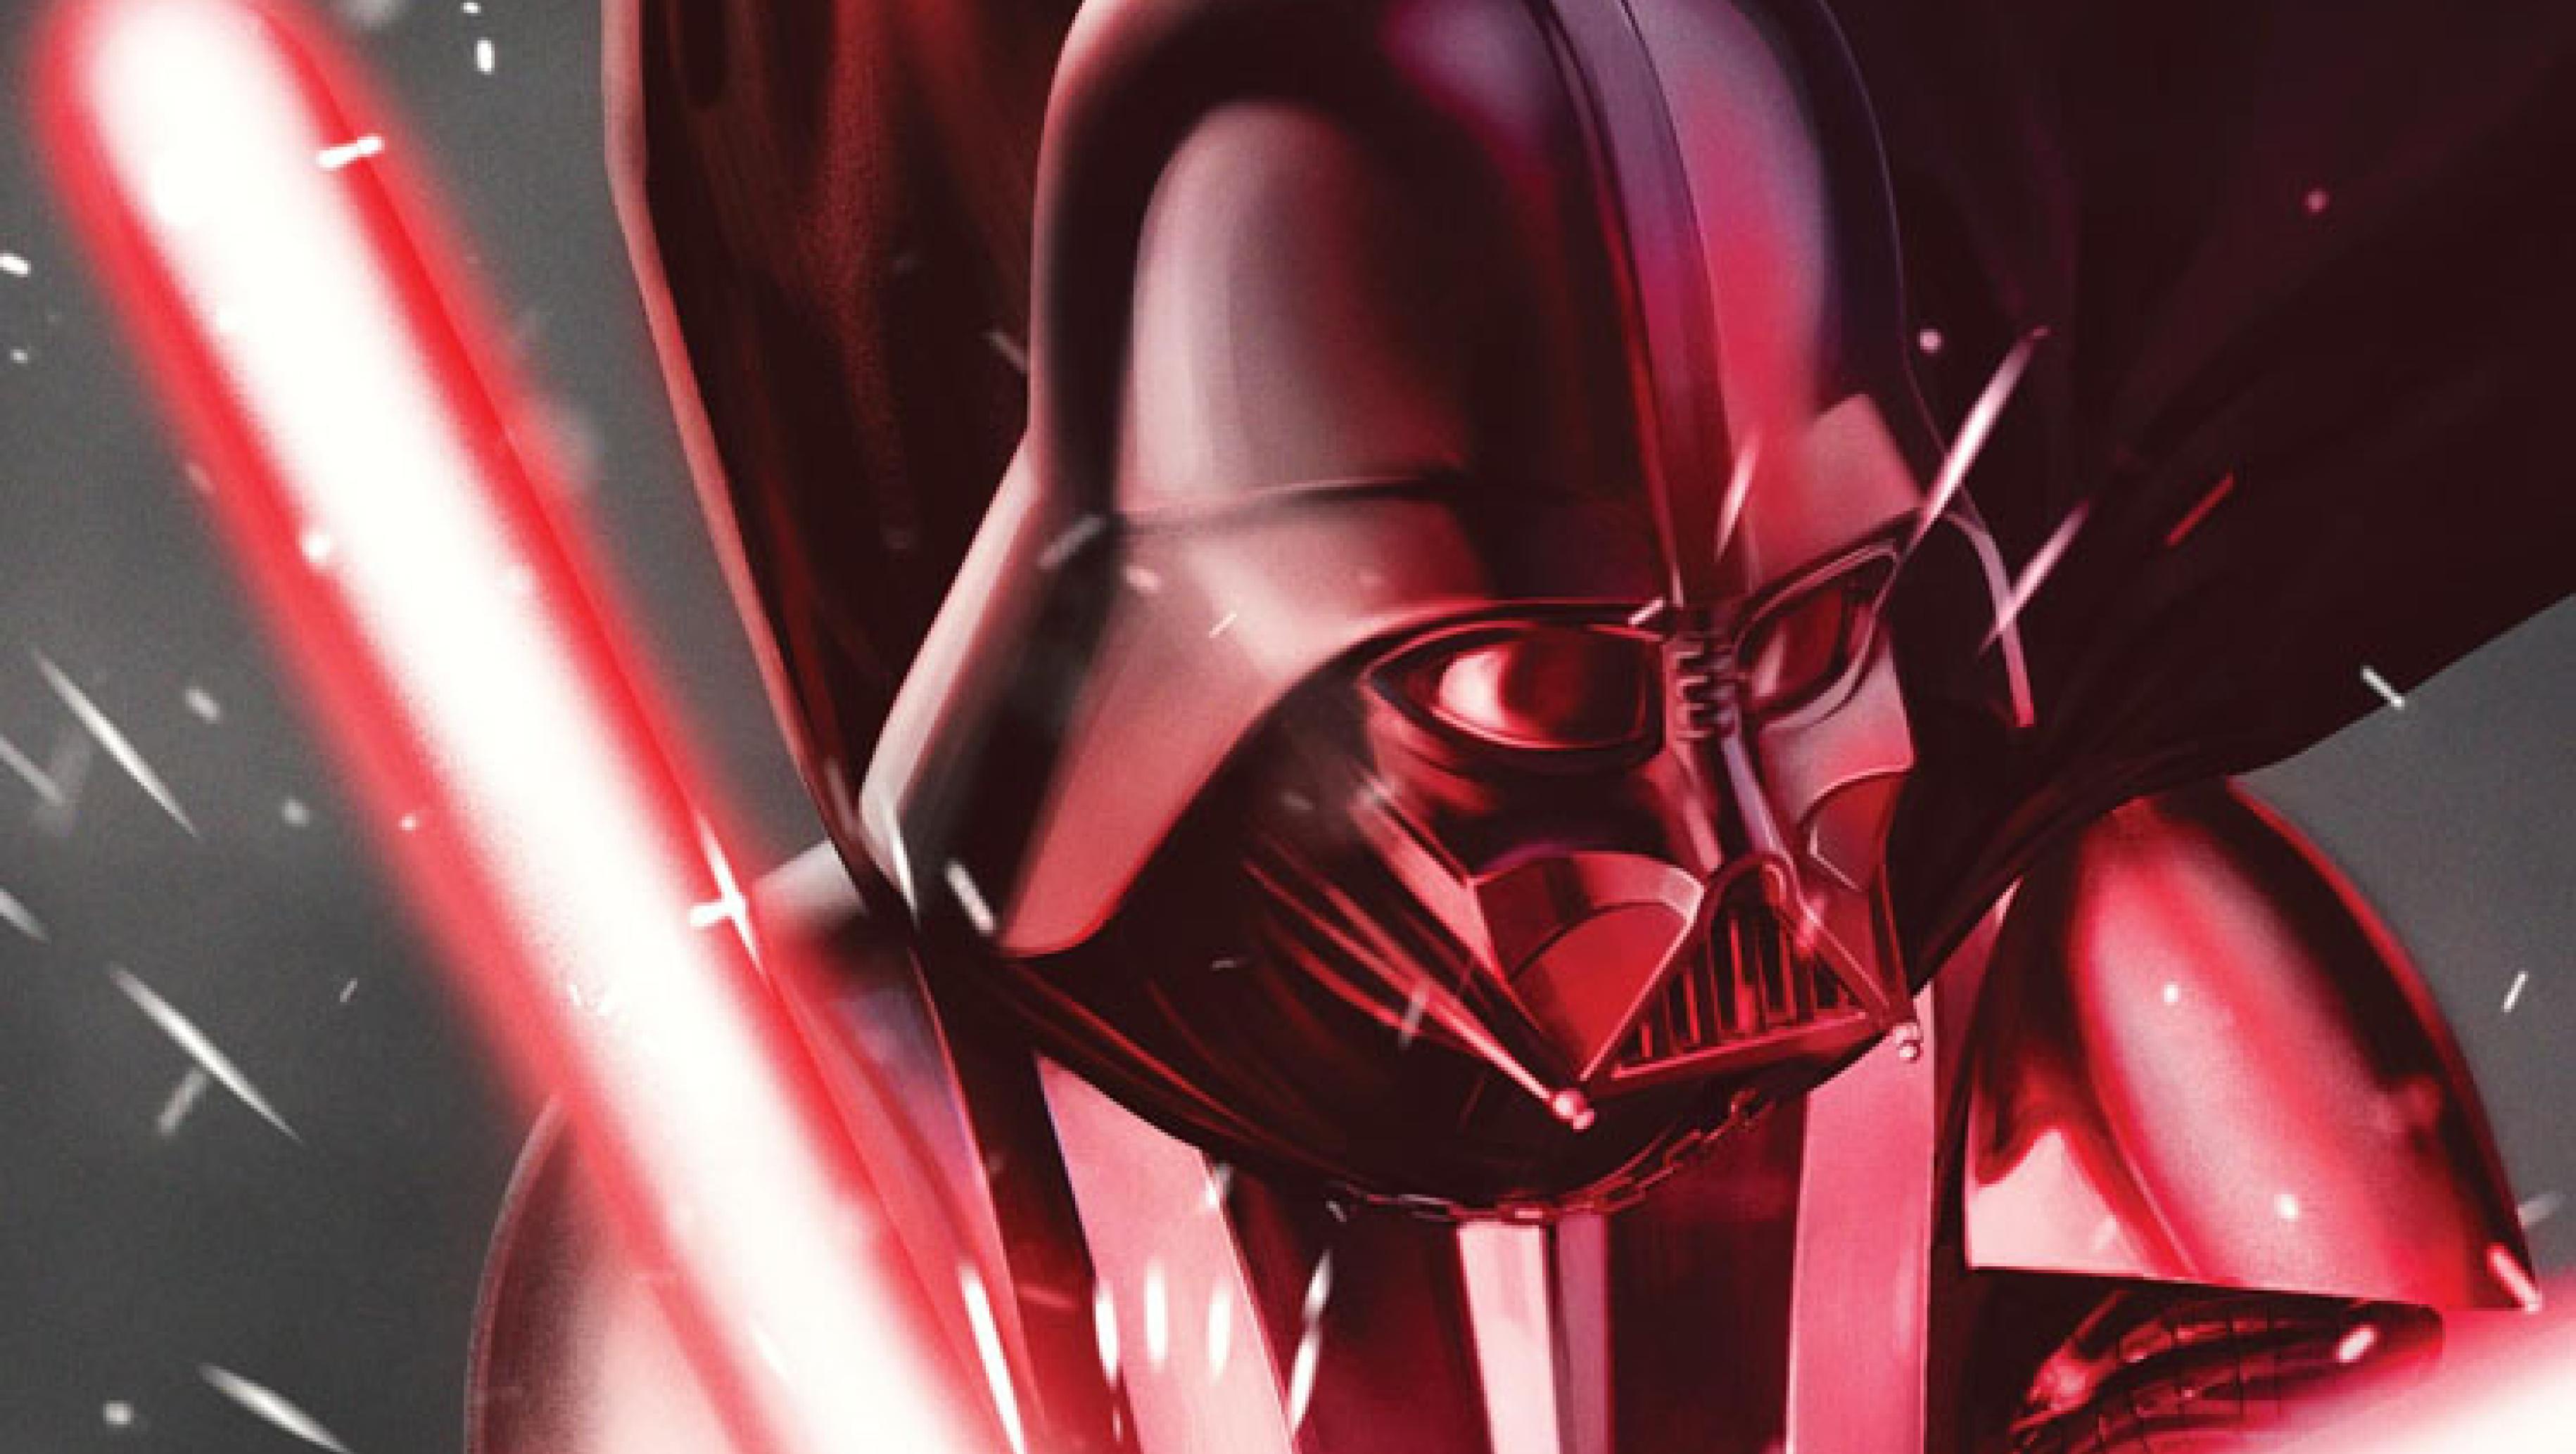 Darth Vader Join the dark sudejpg